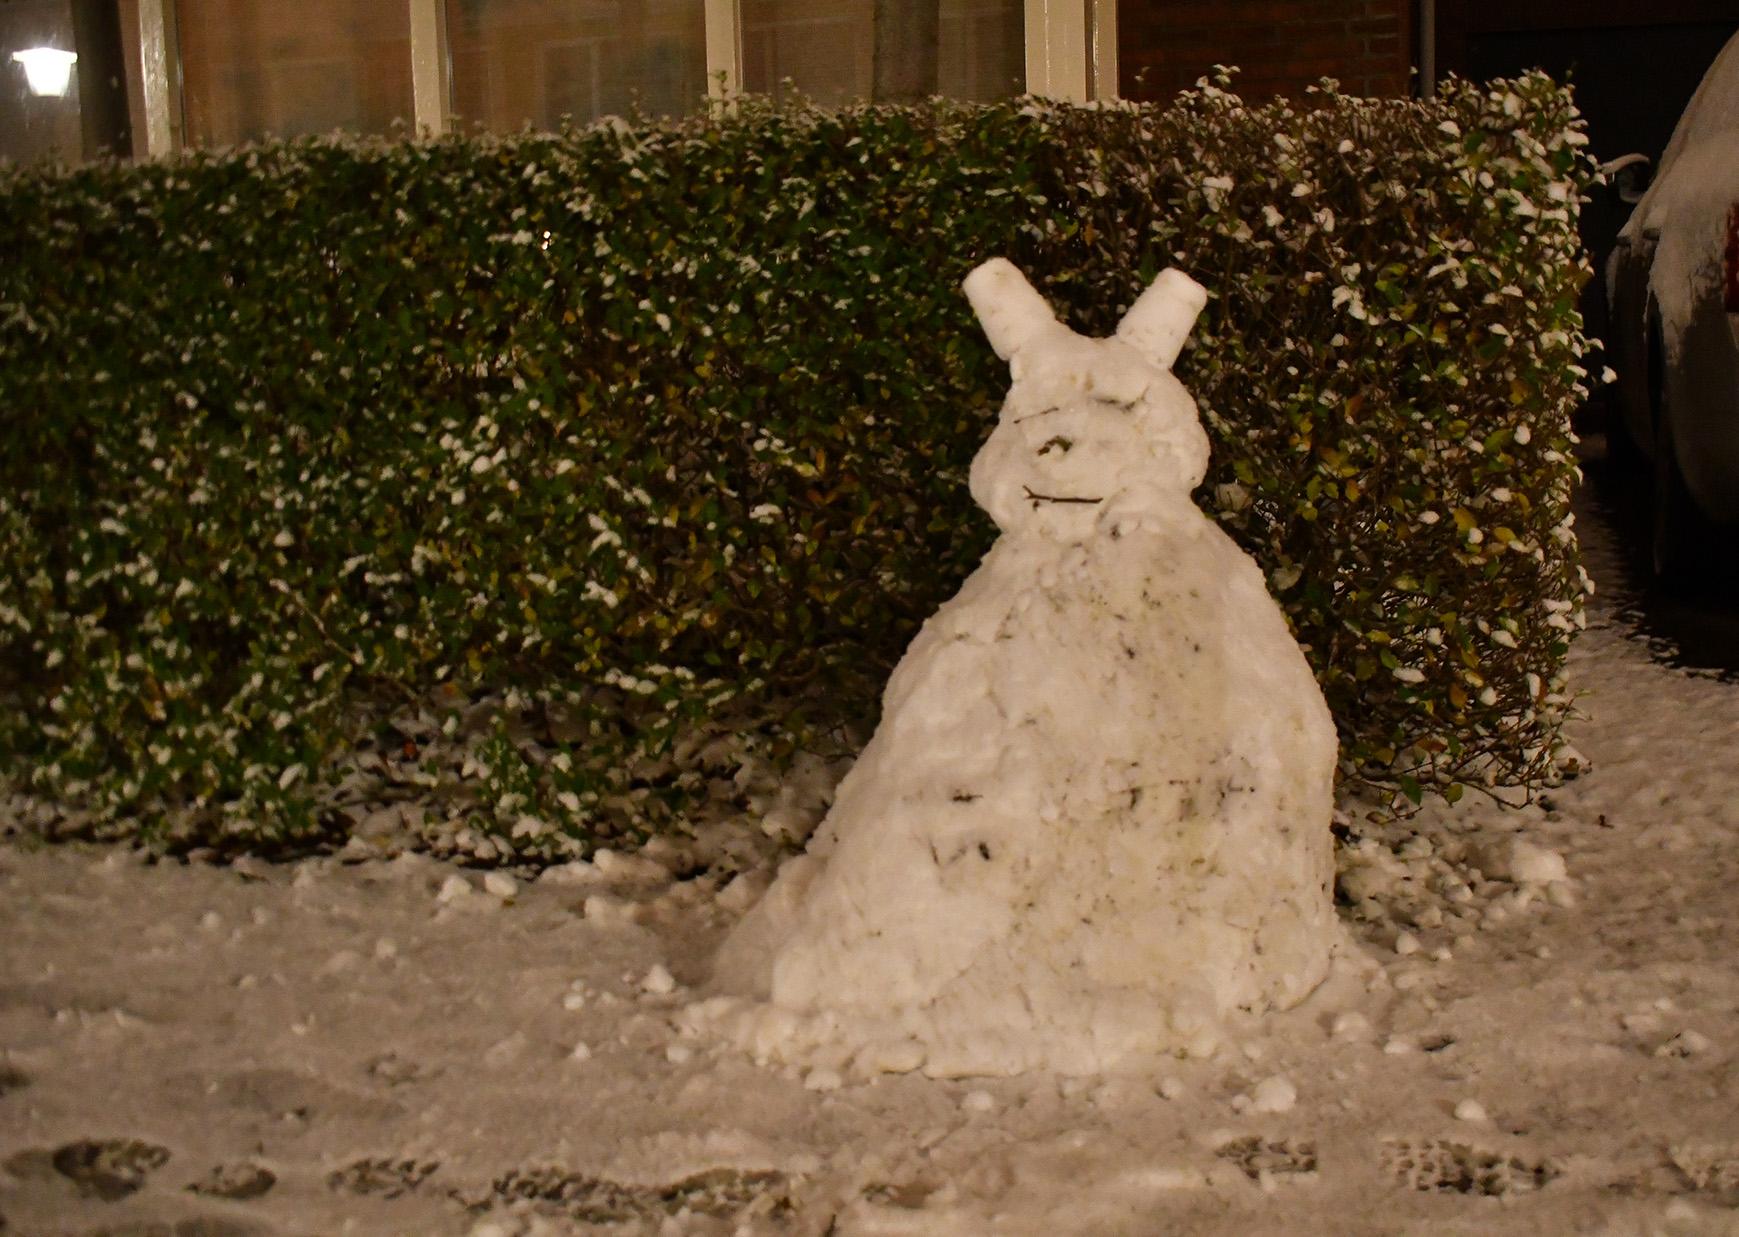 En wat voor een sneeuwpop... echt leuk hoor! - Foto: ©Louis Fraanje